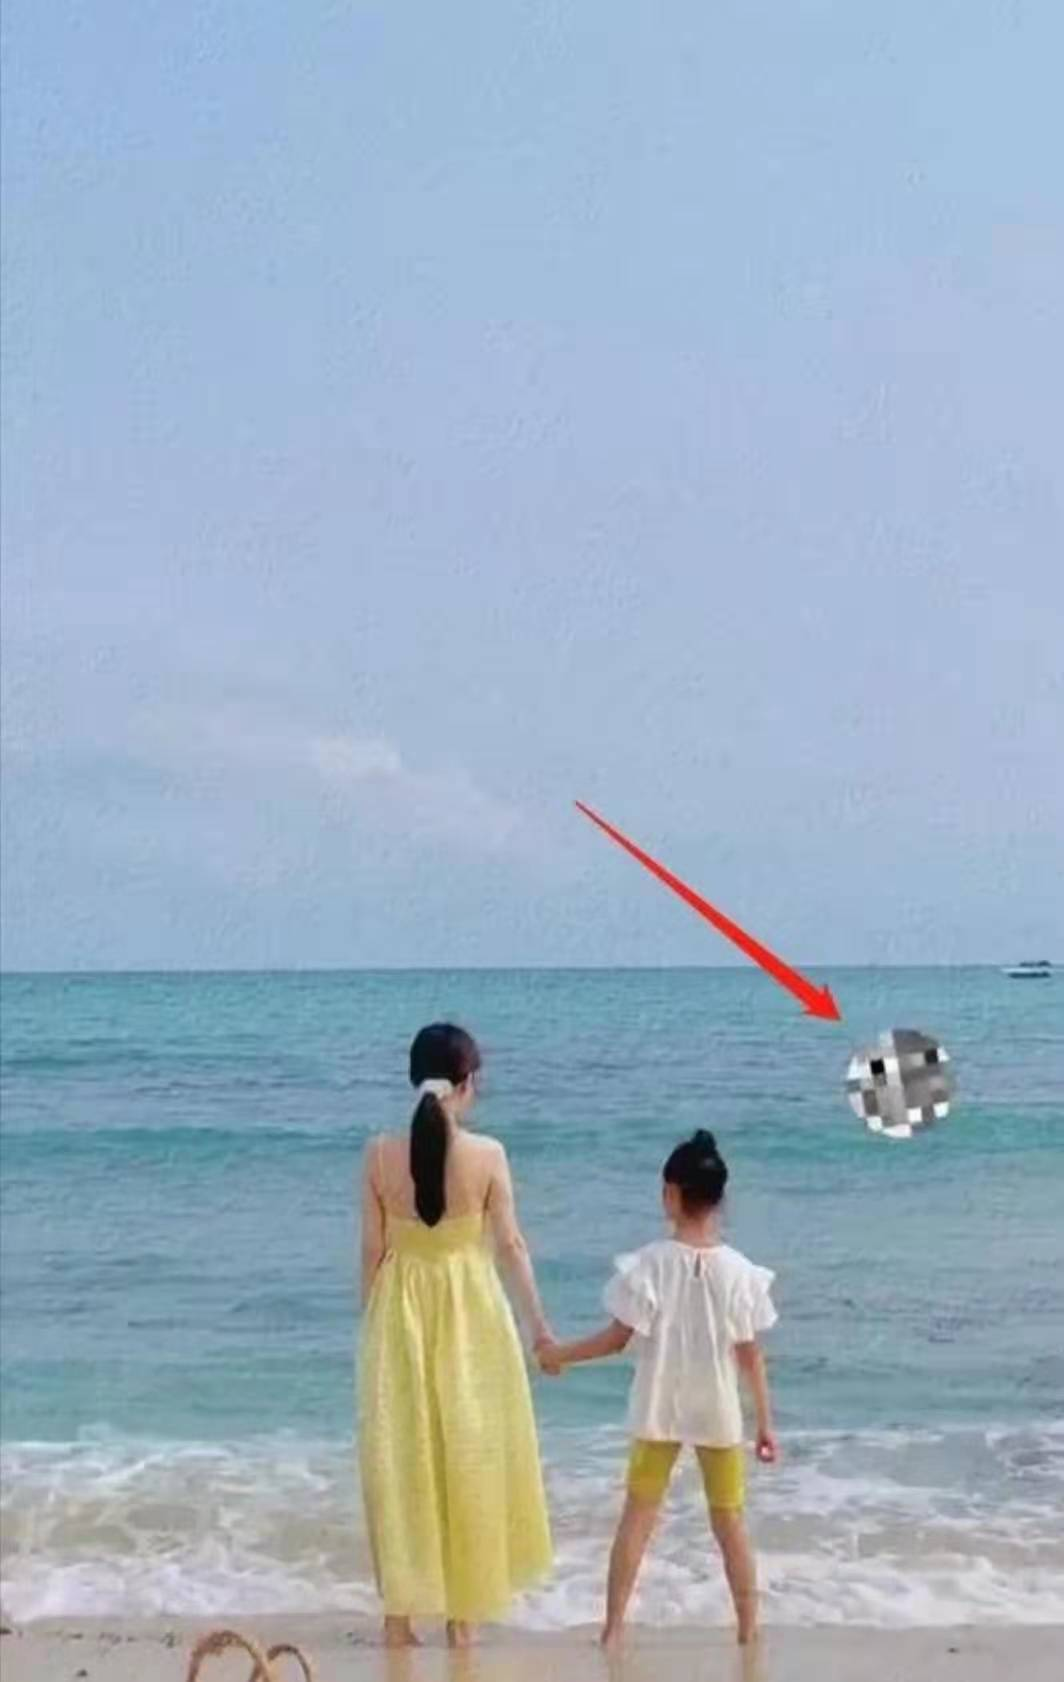 李小璐甜馨海边玩耍贾乃亮冲浪玩得嗨离婚了还能在一起带孩子玩吗